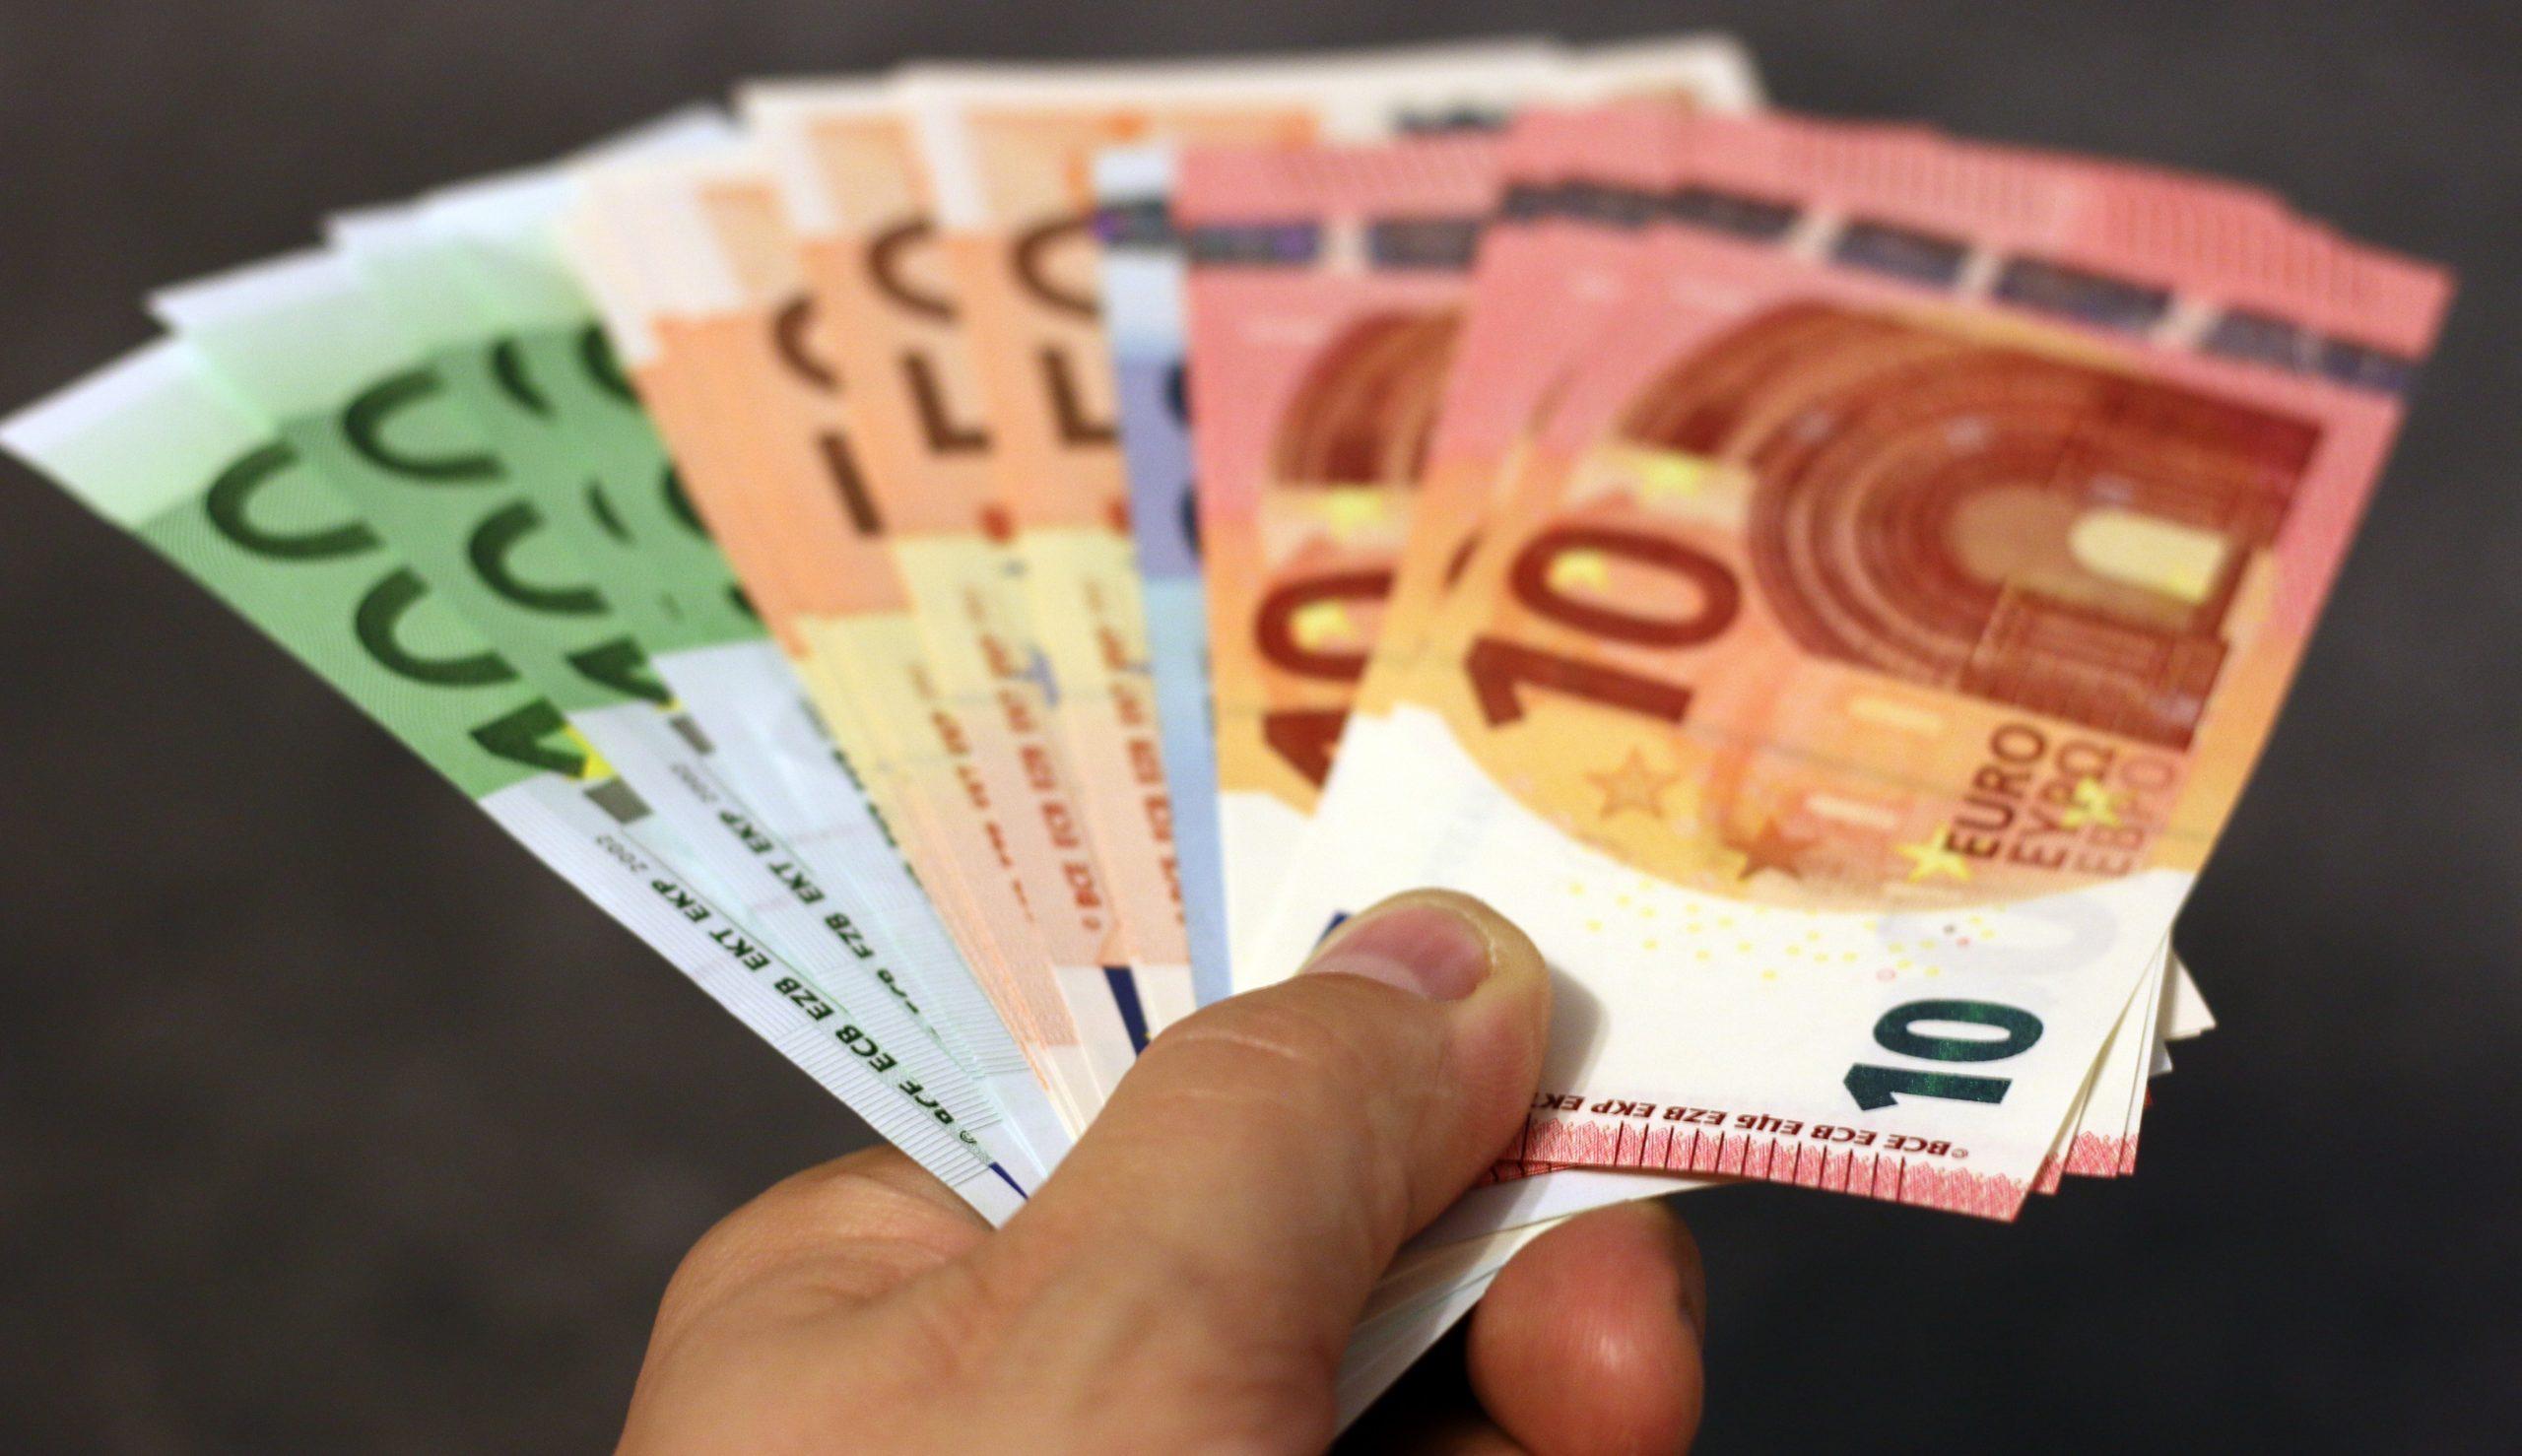 Utilizzo dei contanti nuovi limiti dal 1 luglio 2020